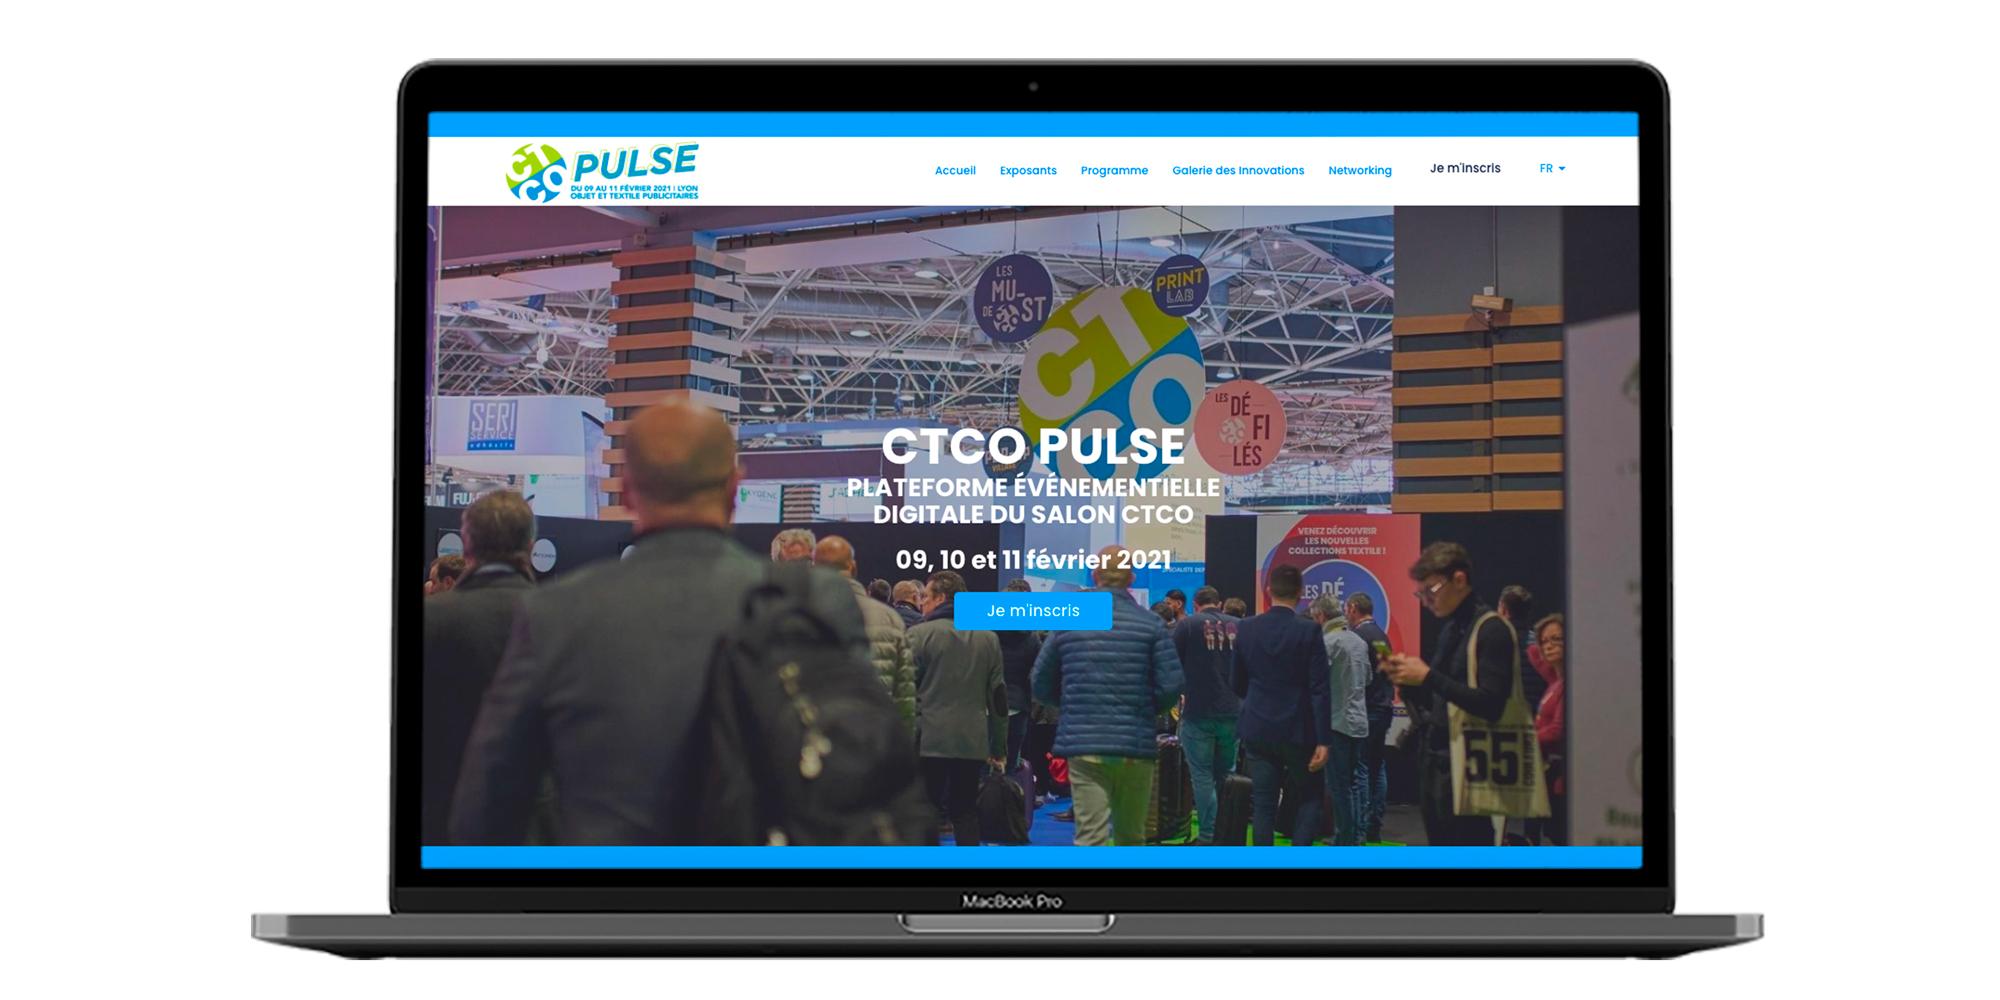 La salon digital CTCO Pulse a rencontré un joli succès pour sa première édition.